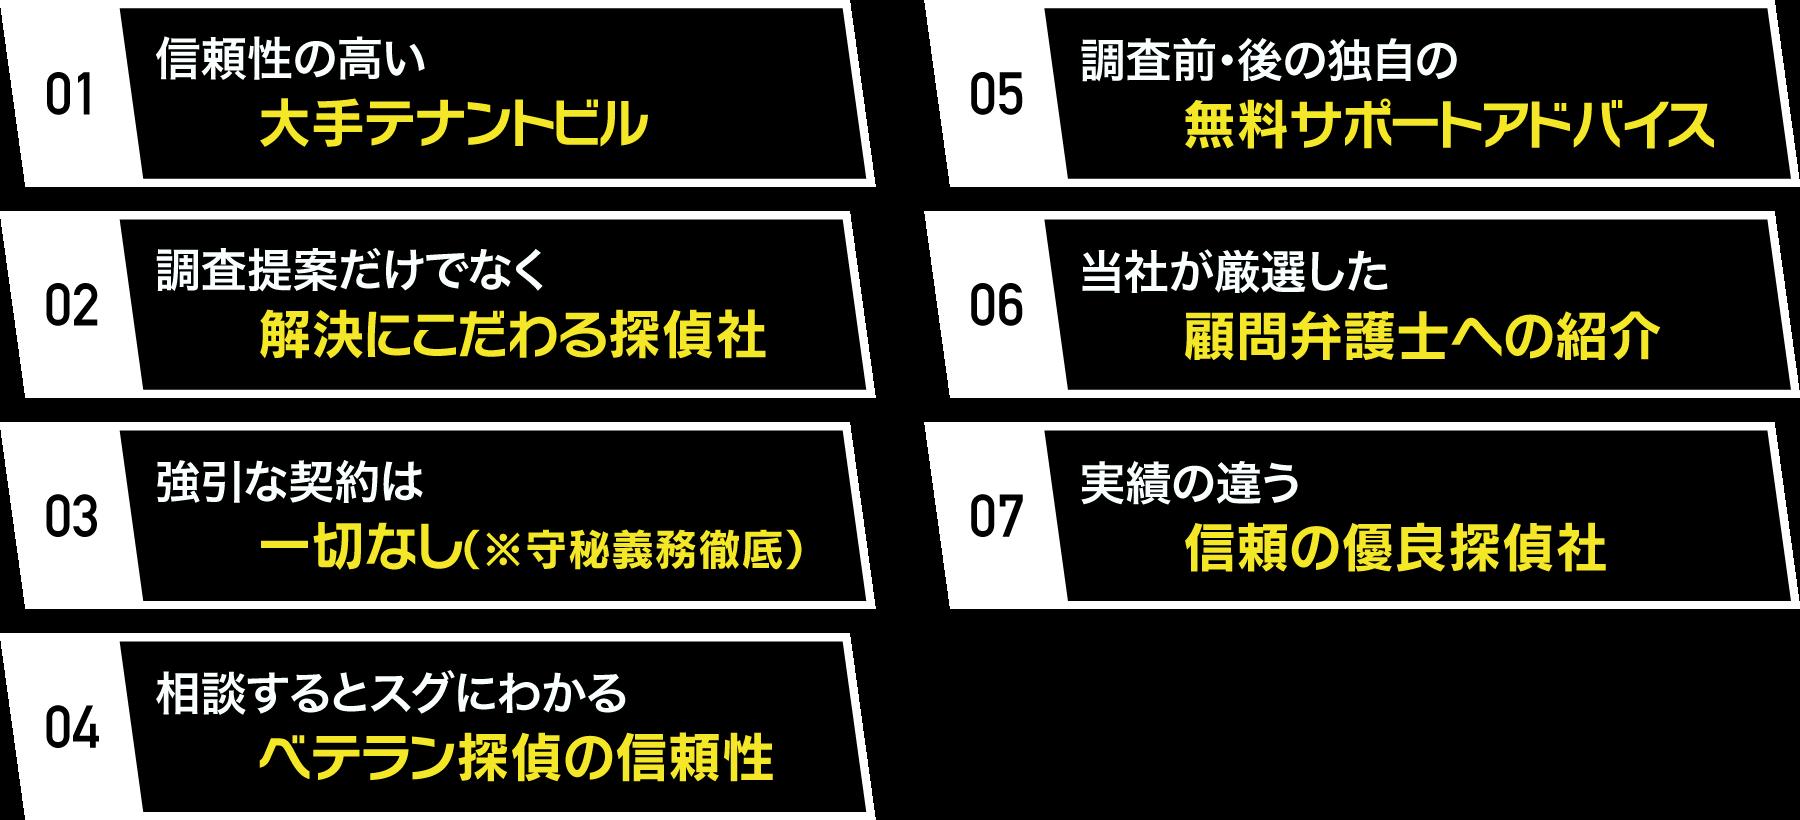 日本探偵社名古屋本部の差別化